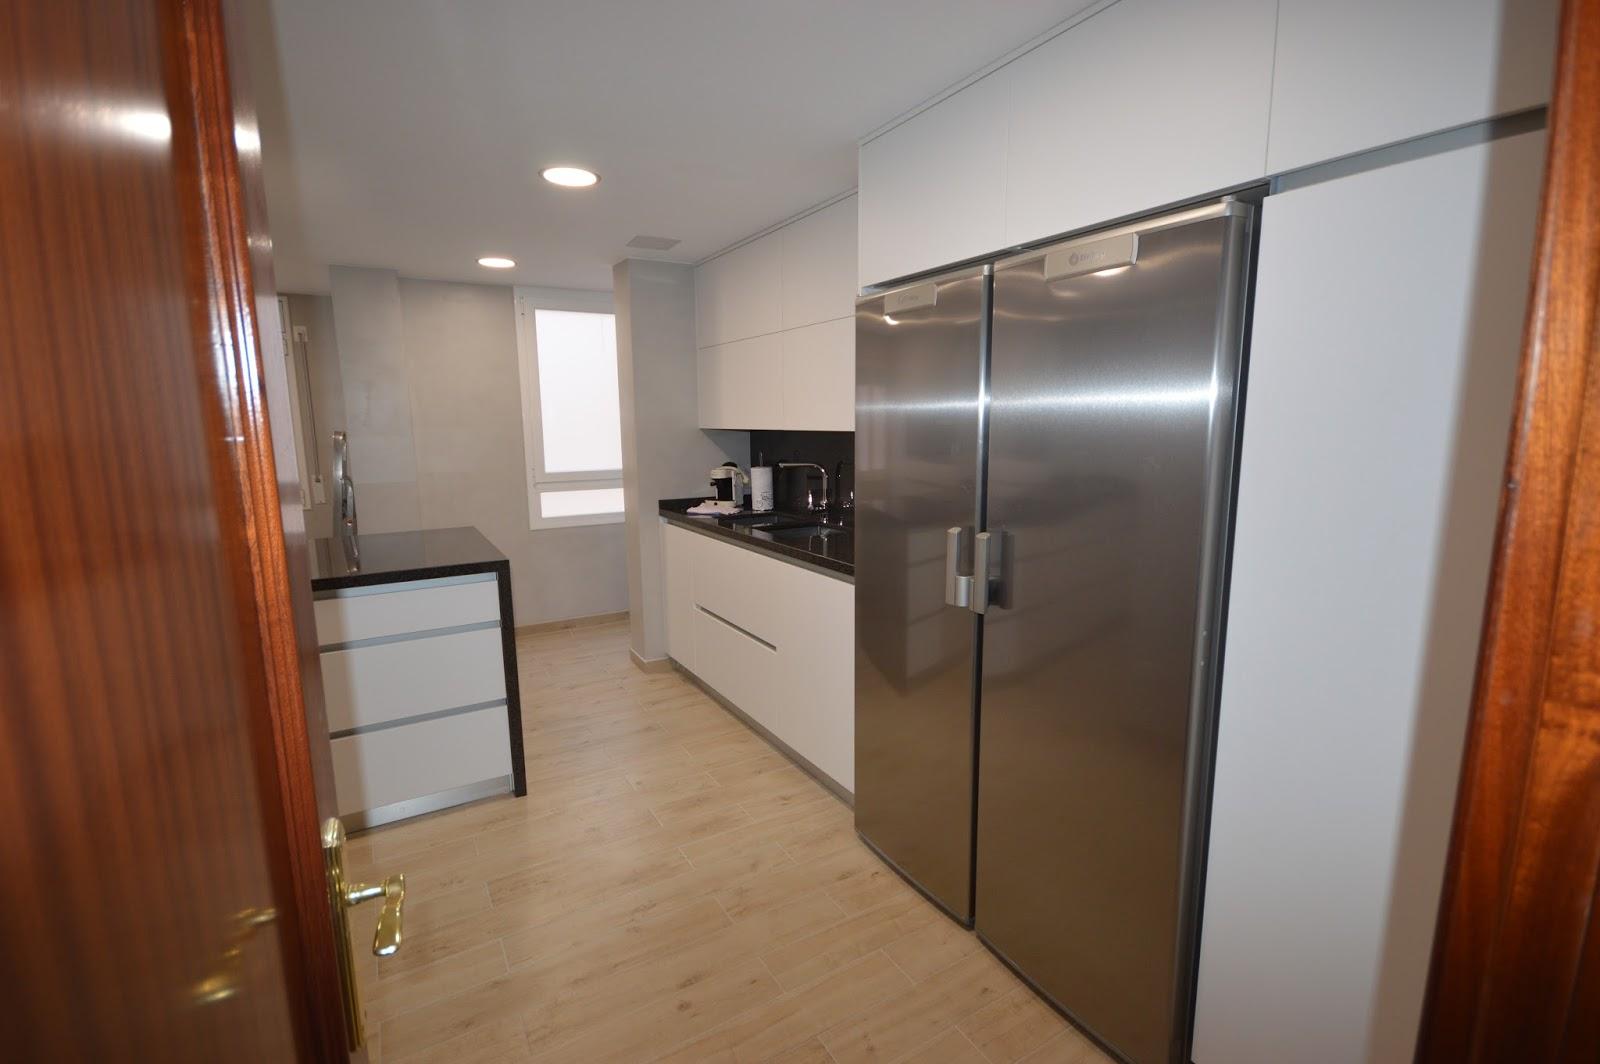 Reuscuina muebles de cocina sin tiradores con isla - Tiradores de muebles de cocina ...